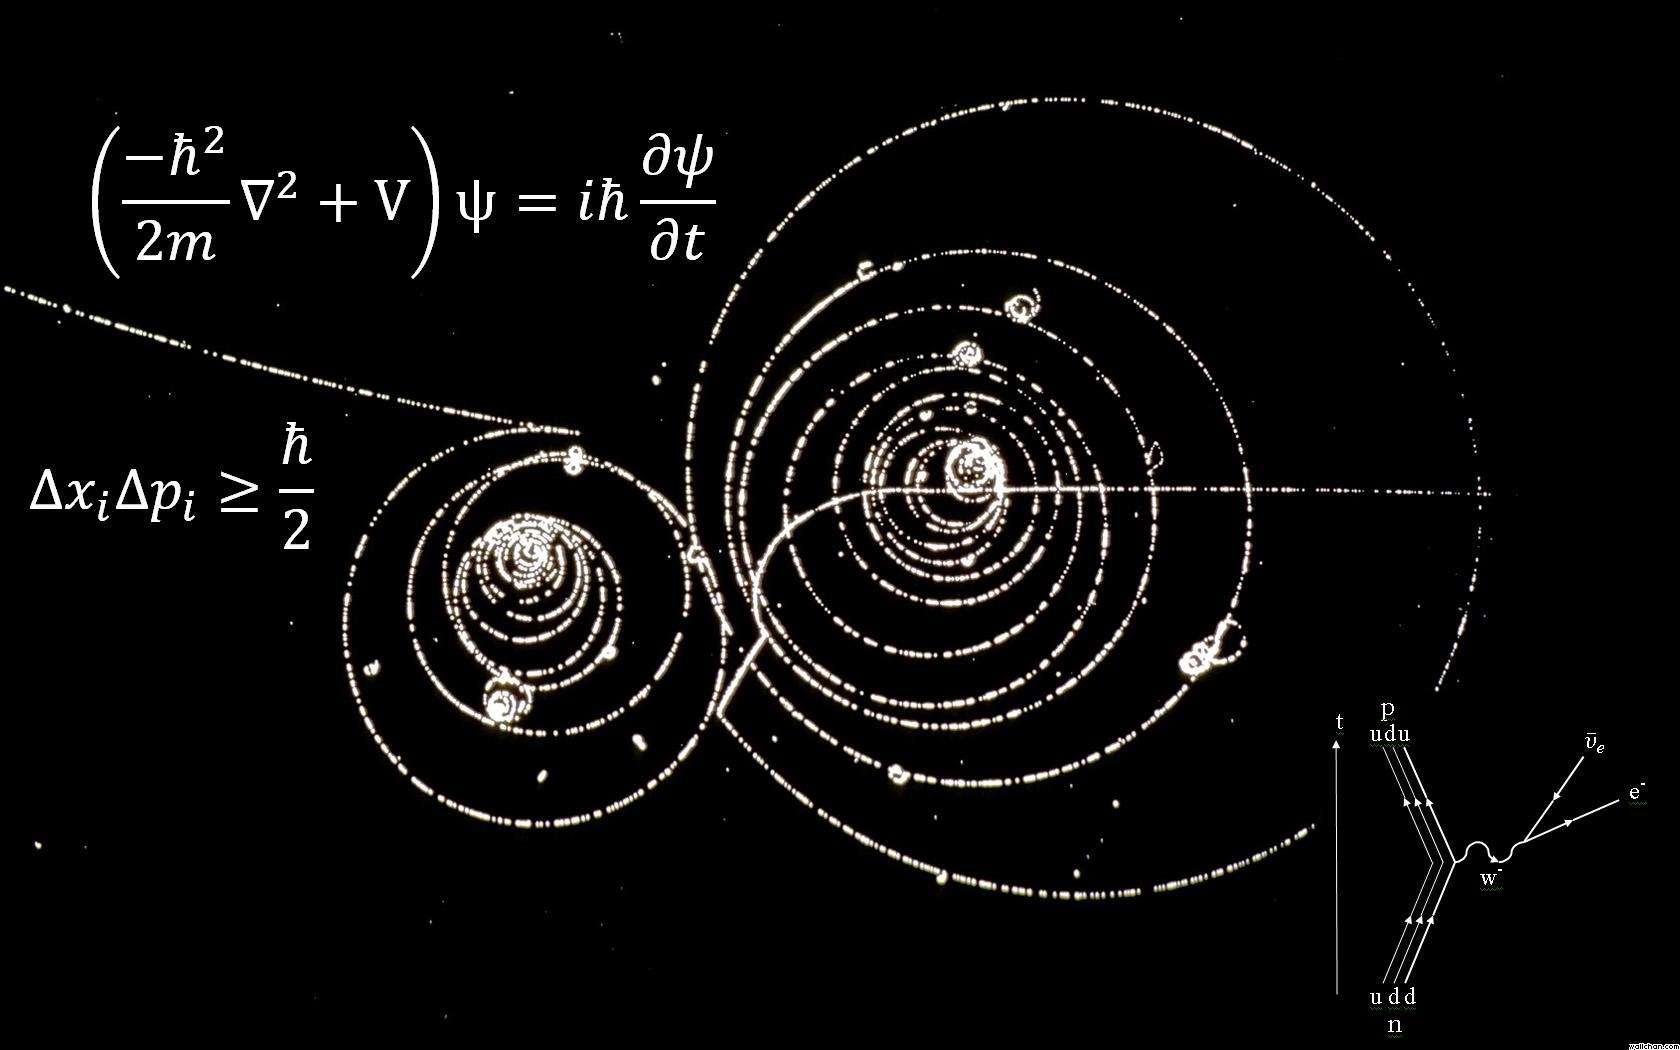 On voit ici deux des plus célèbres équations gouvernant le monde quantique. C'est l'équation de Schrödinger (en haut), célèbre en mécanique quantique, avec en dessous l'une des inégalités de Heisenberg. L'image de fond est celle de particules spiralant dans une chambre à bulles plongée dans un champ magnétique. En bas à droite, un diagramme de Feynman illustre la désintégration bêta d'un neutron (n) en proton (p). © www.wallchan.com